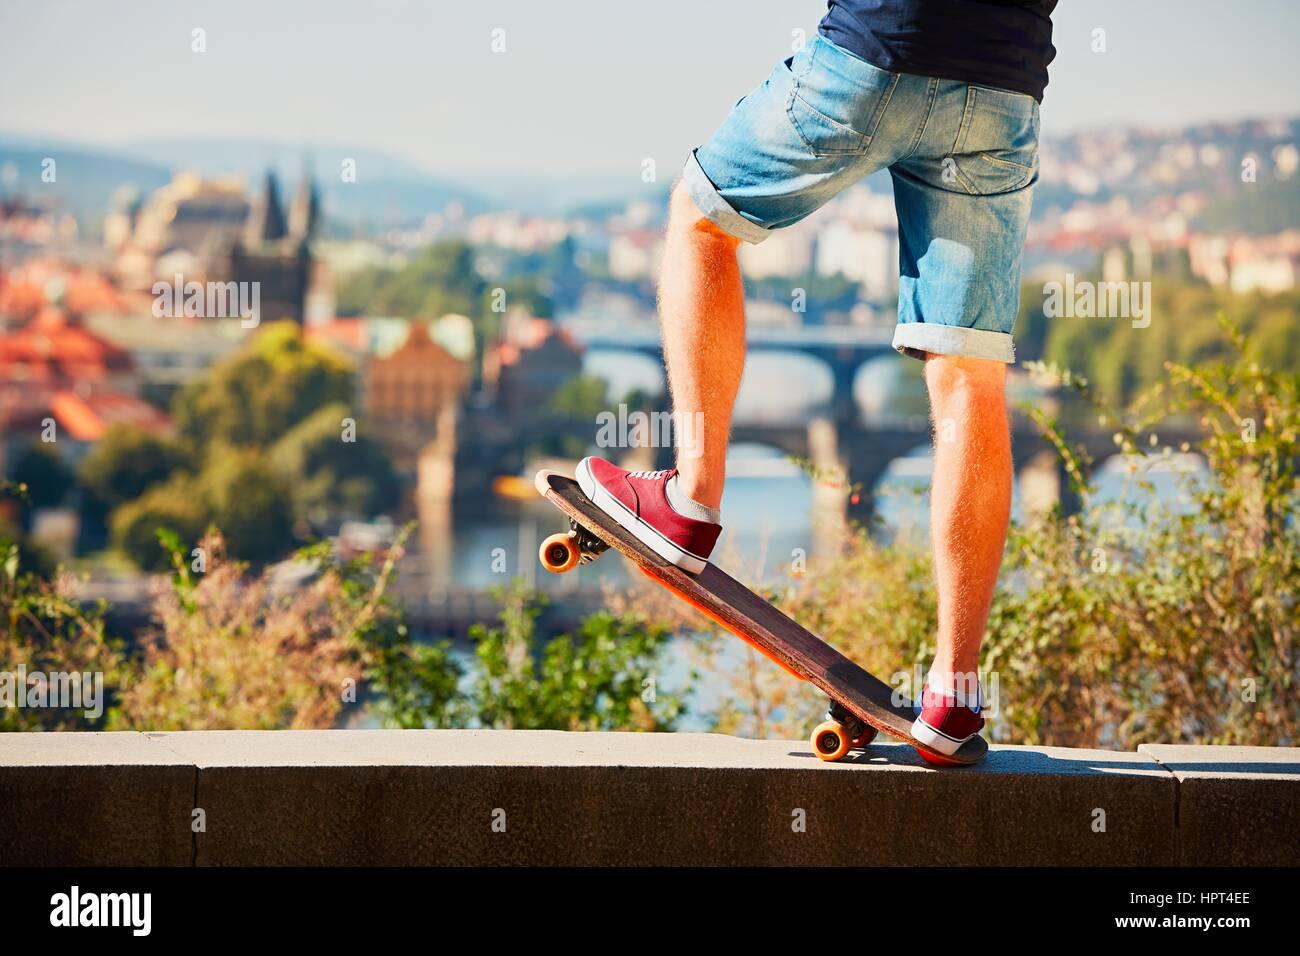 Joven skater está montando sobre el monopatín en la ciudad. Praga, República Checa. Imagen De Stock